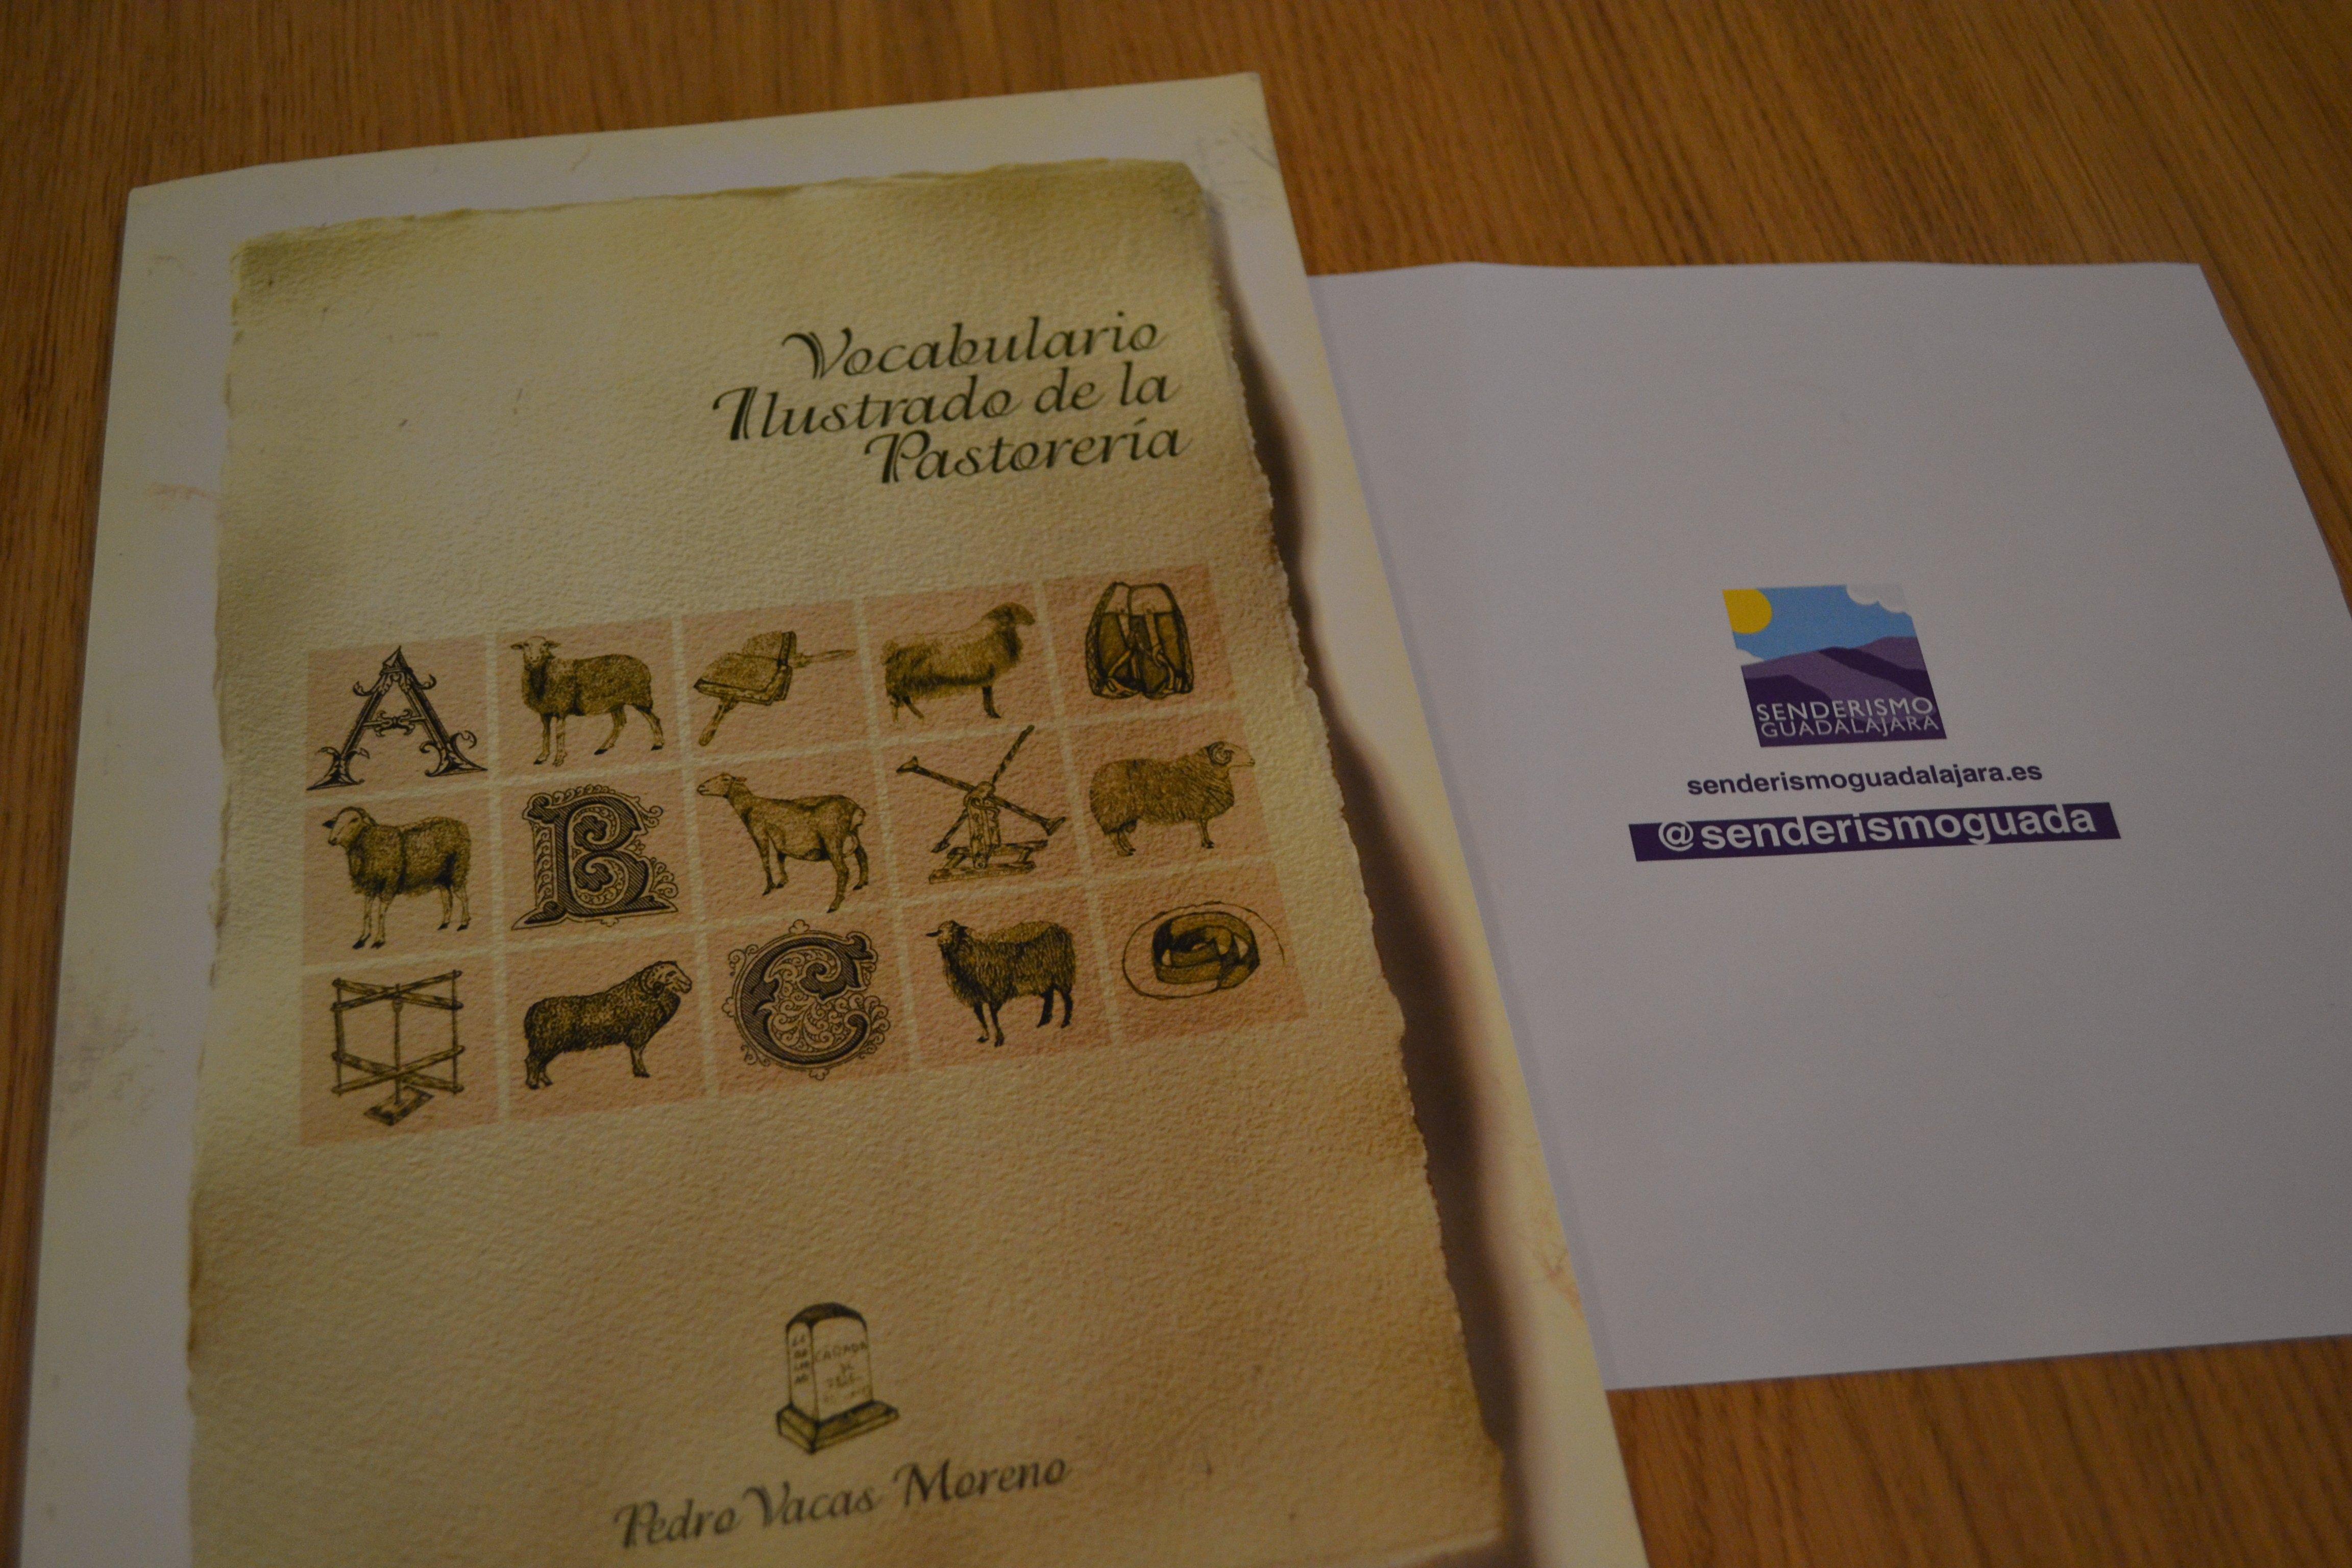 Libros de Guadalajara (I): Vocabulario Ilustrado de la Pastorería, de Pedro Vacas Moreno